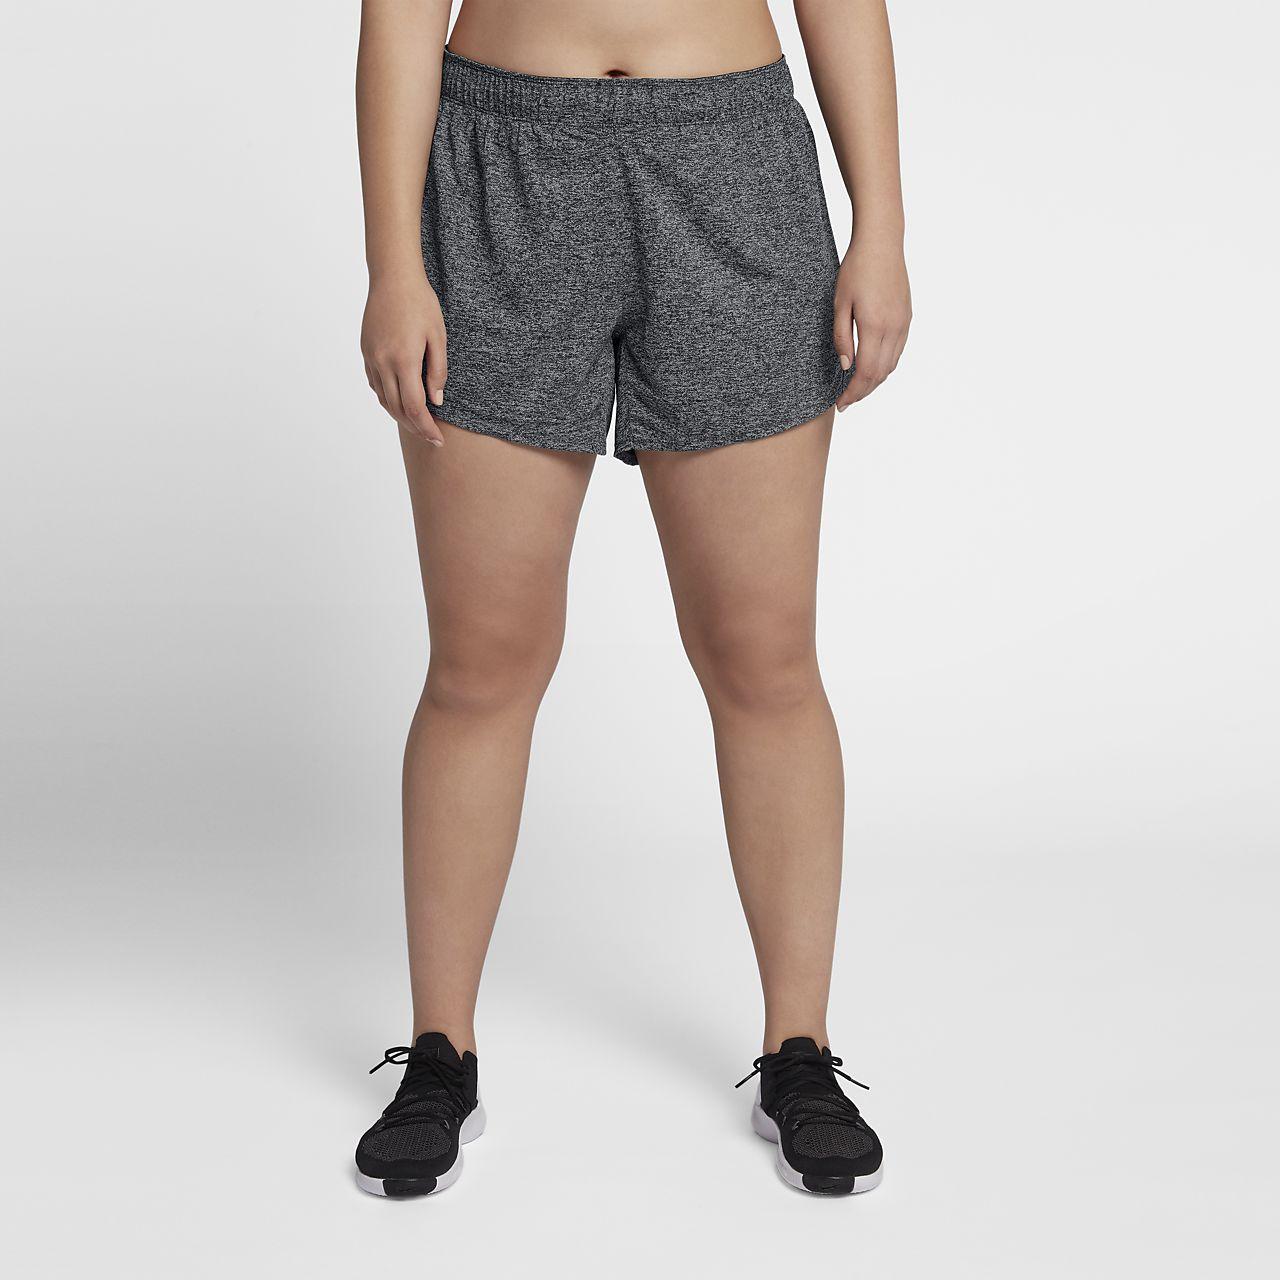 Damskie spodenki treningowe Nike Dri-FIT (duże rozmiary)